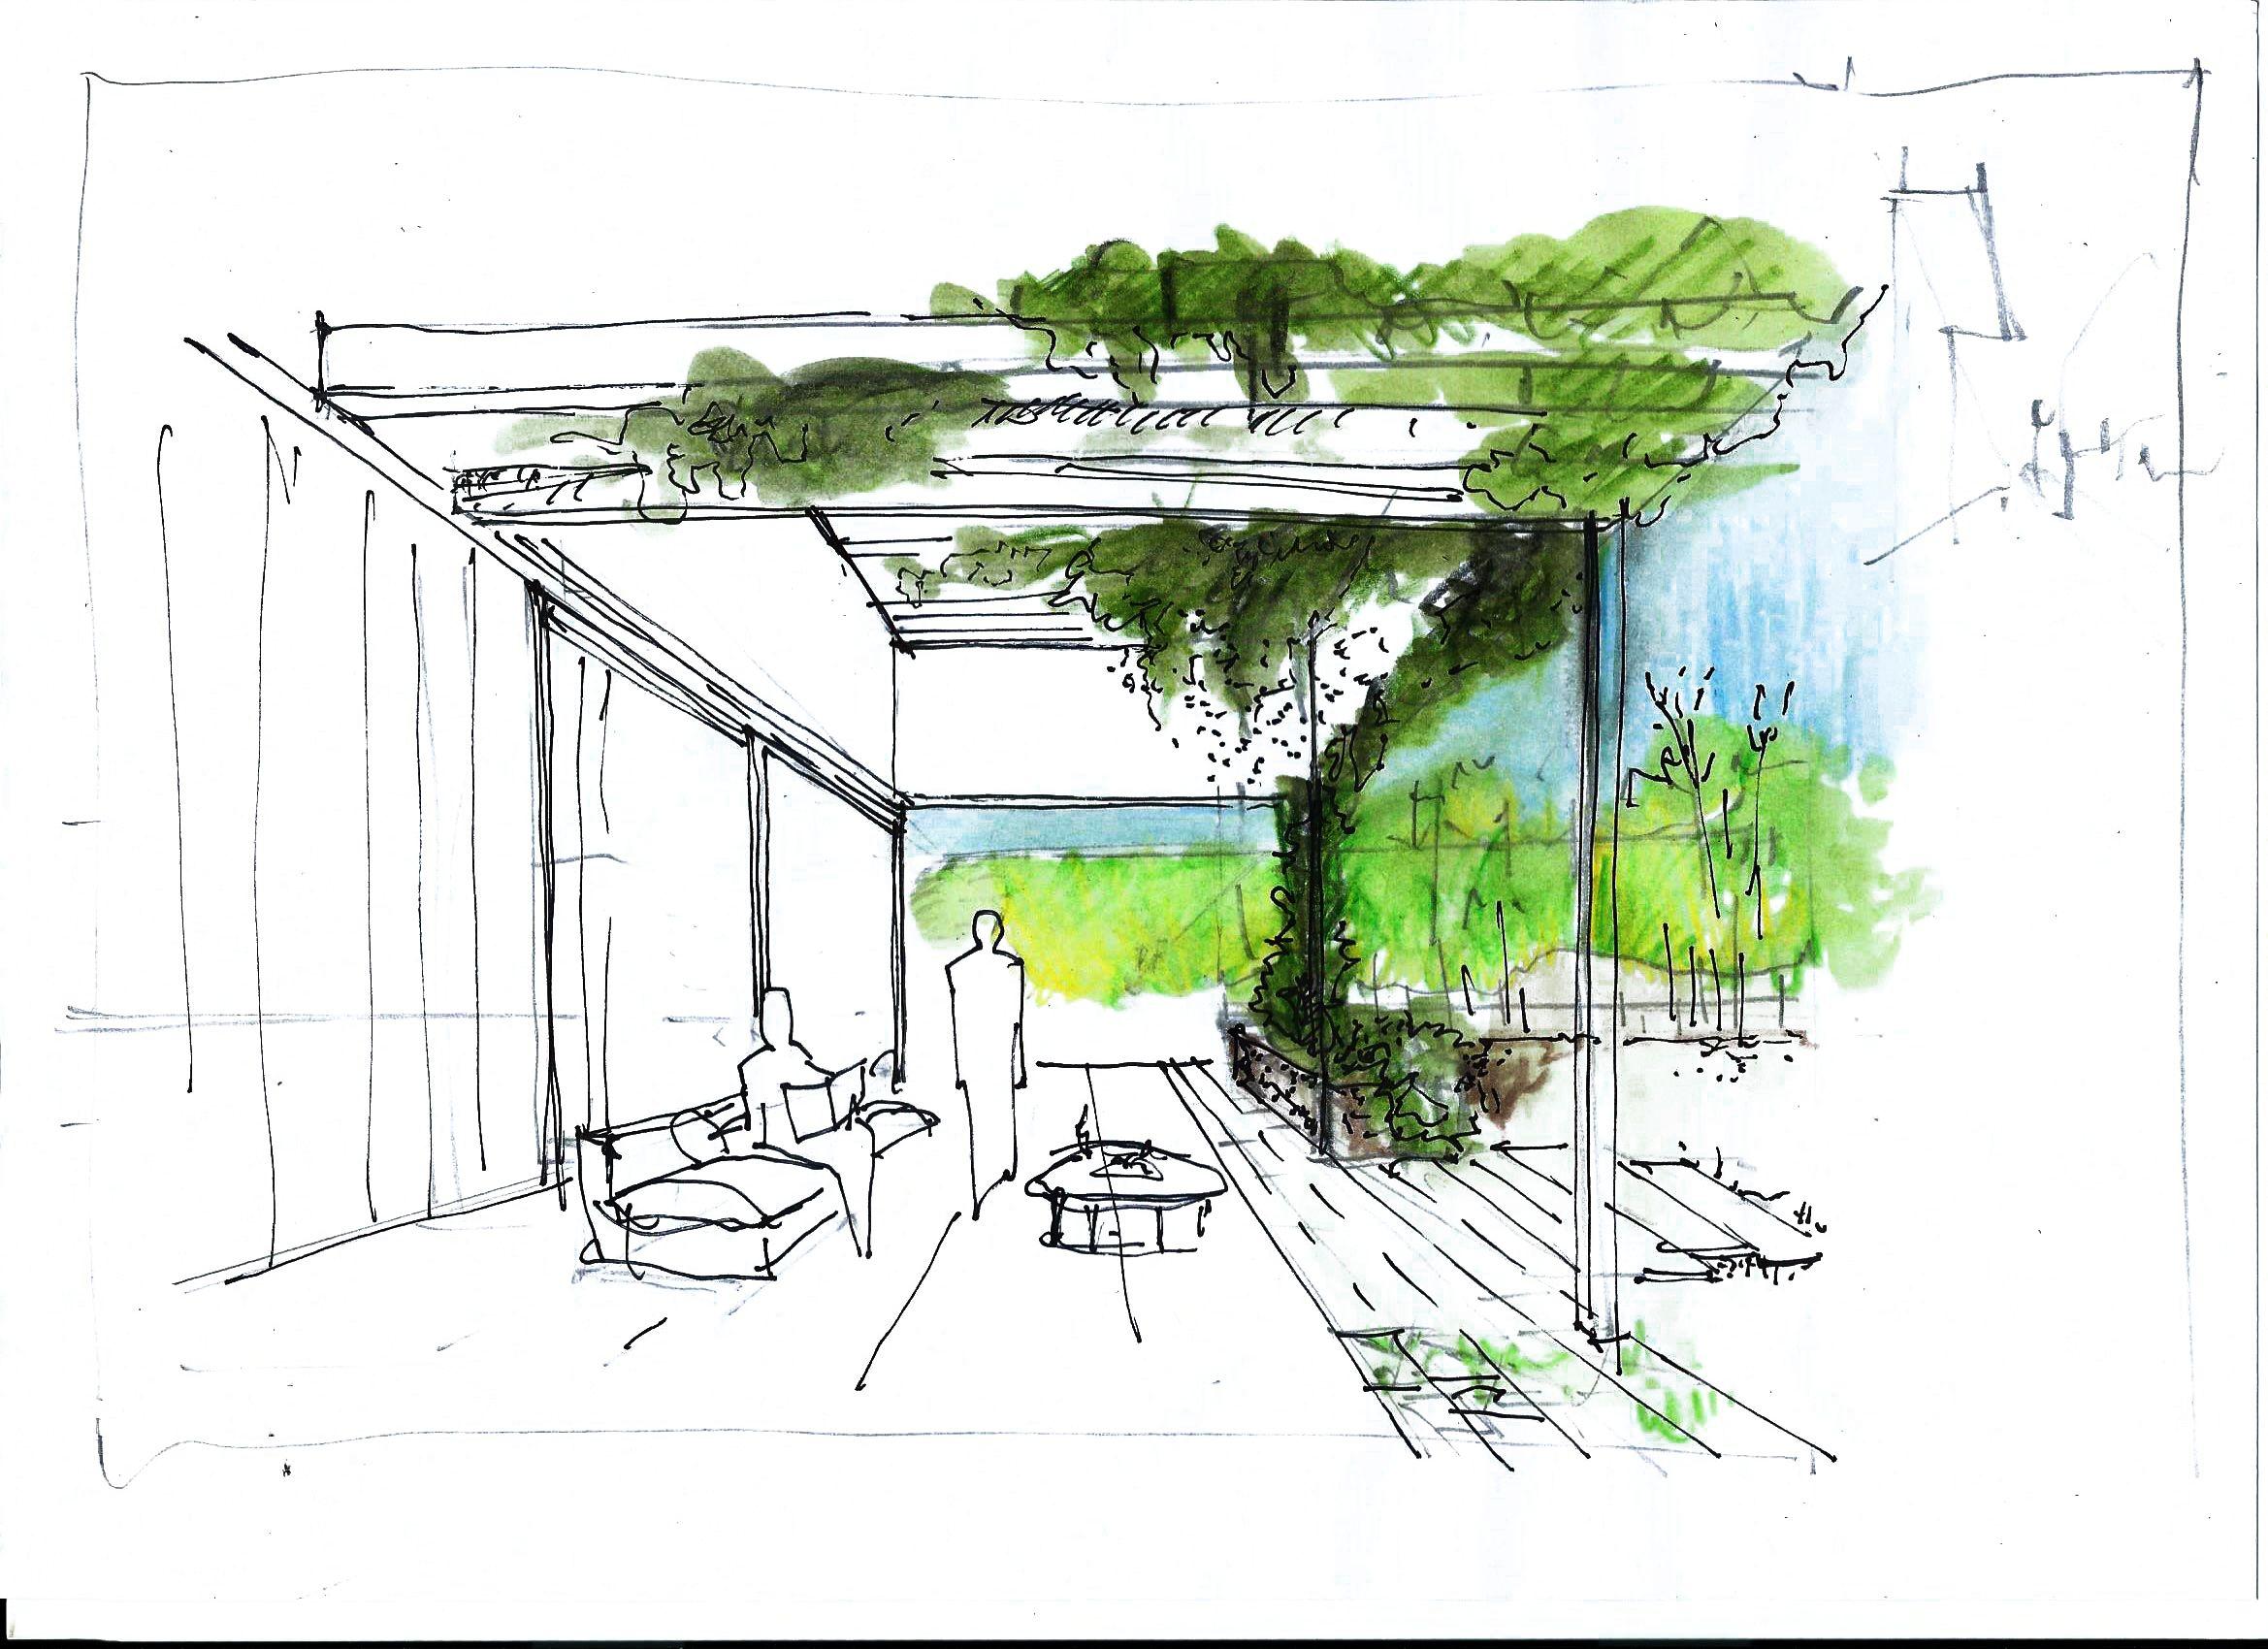 Croquis Con Un Solo Punto De Fuga Mostrando Un Espacio Exterior Interior Acnetuando El Verde Del Arquitectura De Paisaje Bocetos Arquitectonicos Punto De Fuga